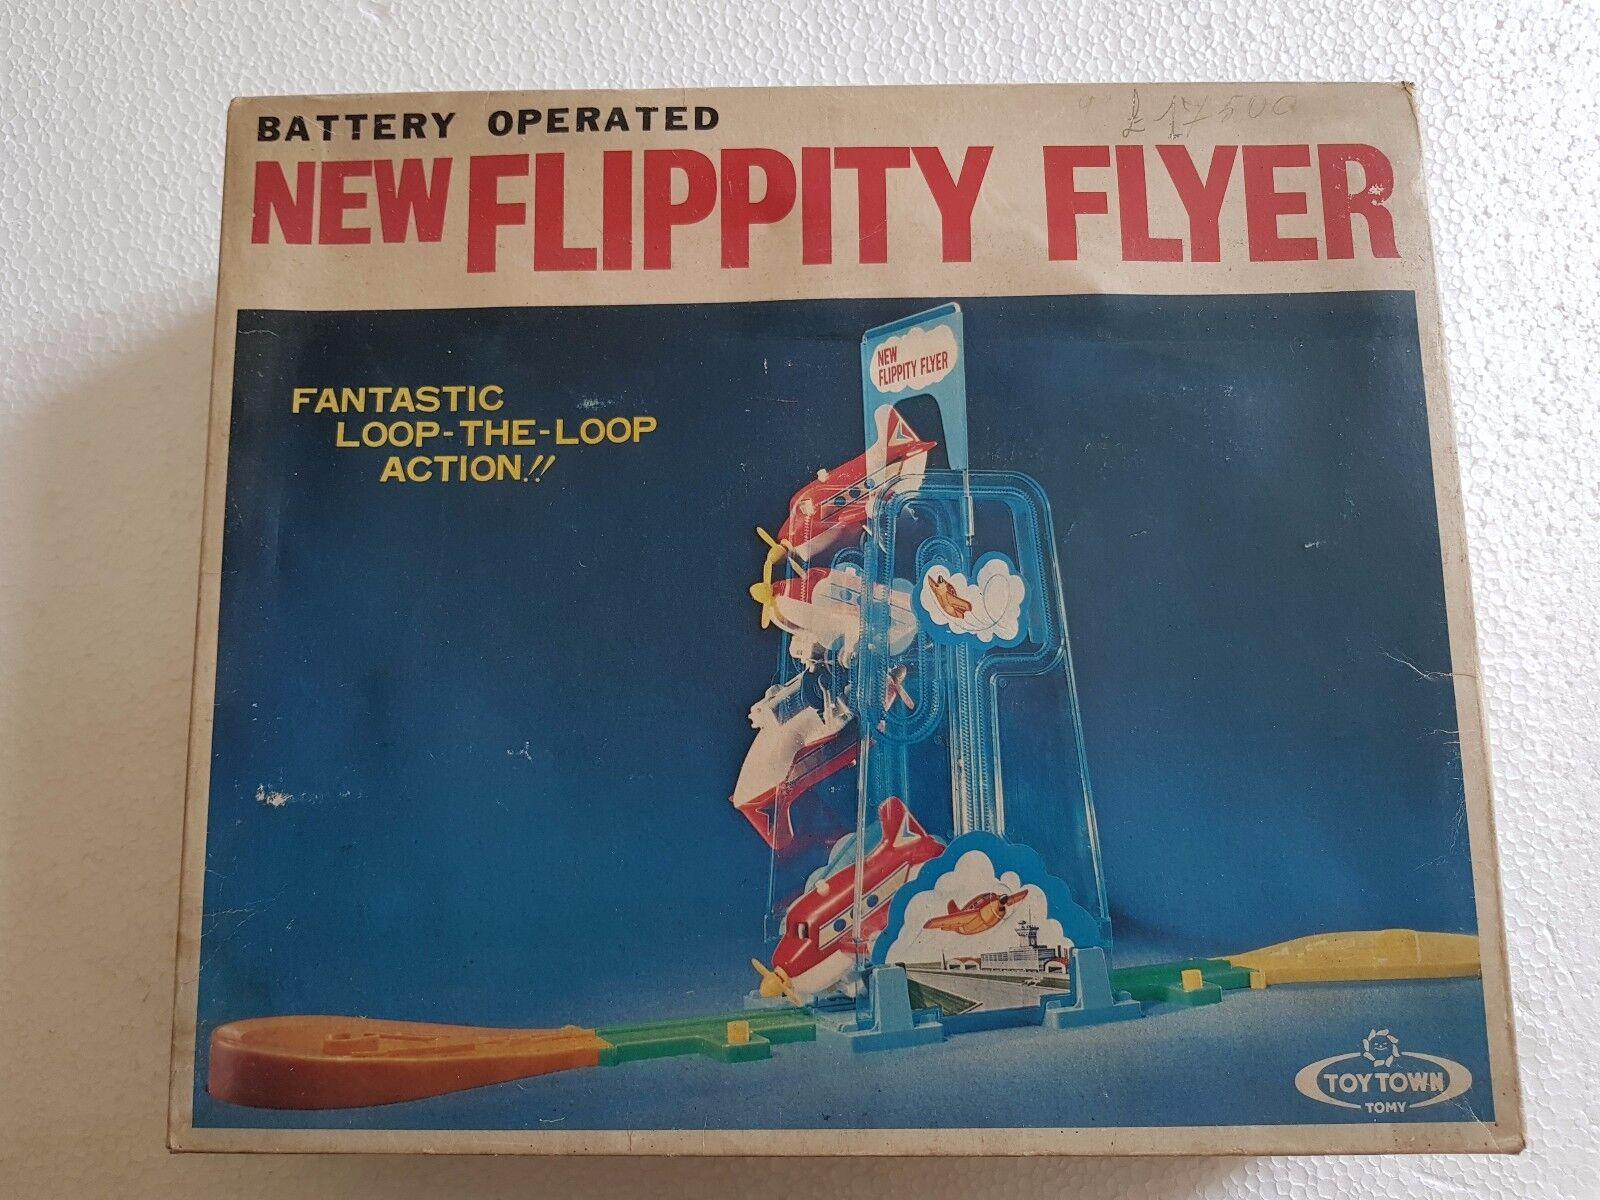 TOYS NEW FLIPPITY FLIYER BATTERY OPERATED - TOMY - VINTAGE